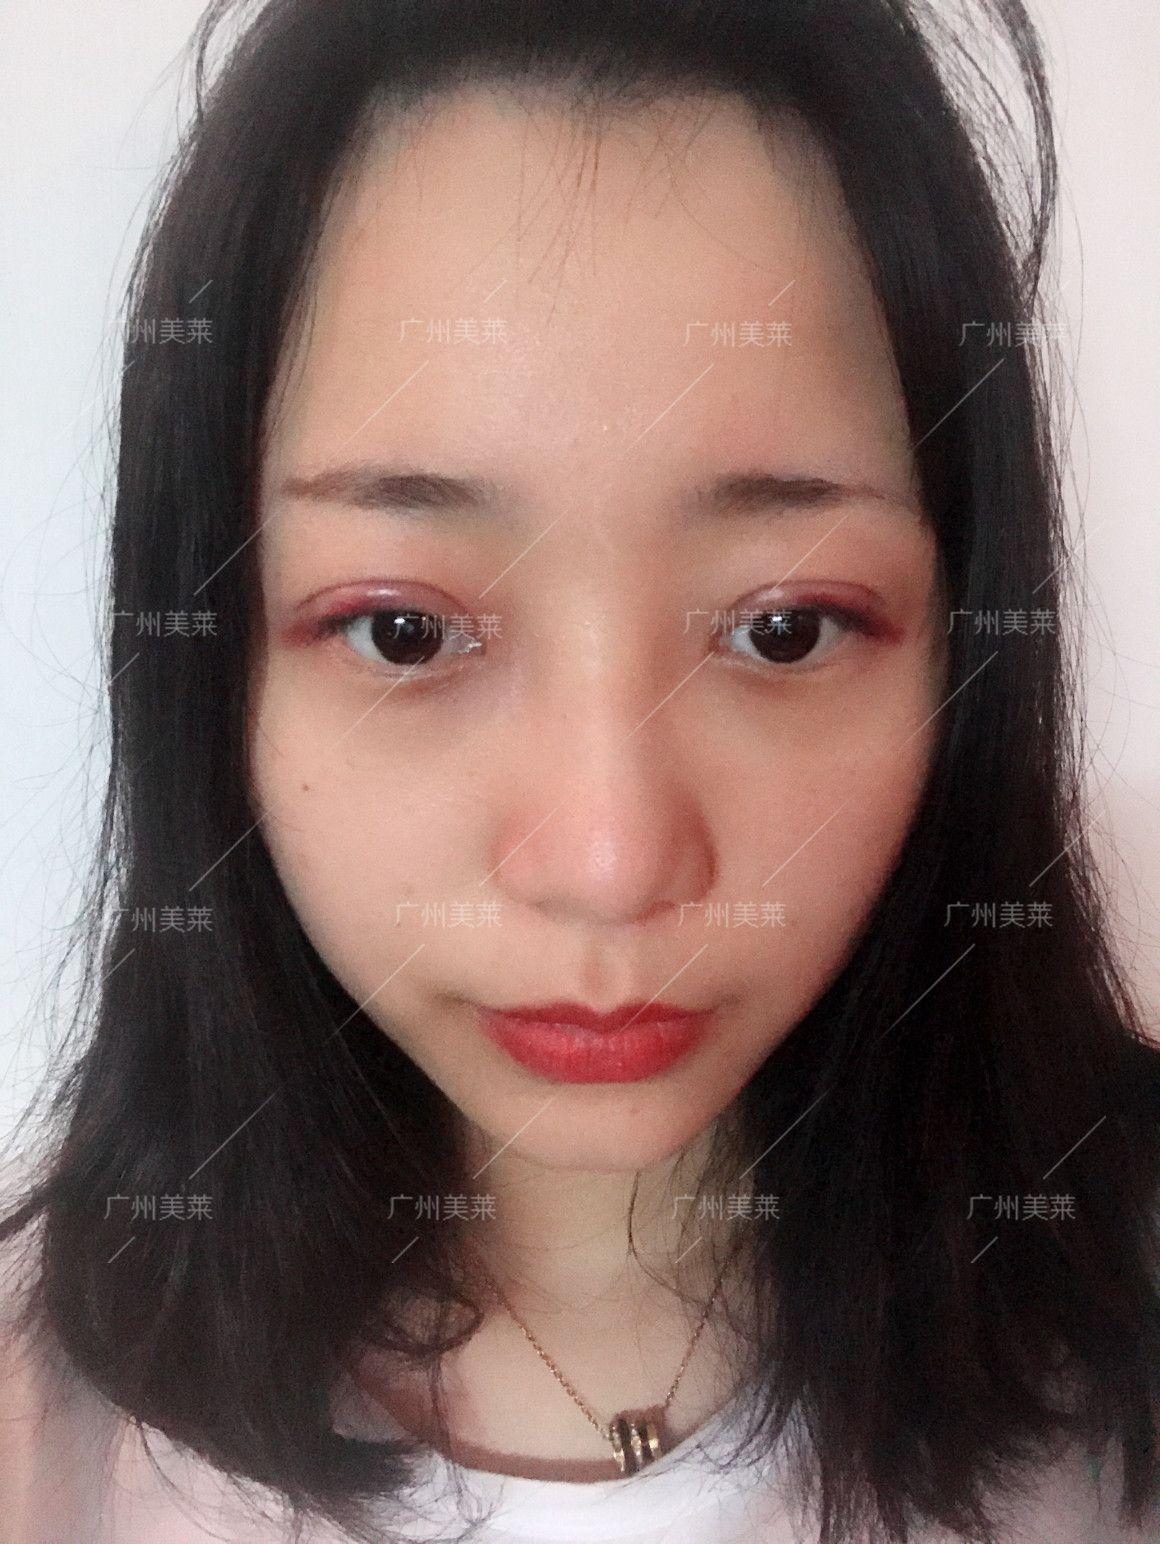 之前我双眼皮是不对称,医生说有轻微的上睑下垂矫正以后会好看很多。昨天做完手术,今早在家拆下纱布。有点红但不会很肿。闭眼能看见清晰切口,双眼皮形状好看!跟我给的参考非常像!开心!